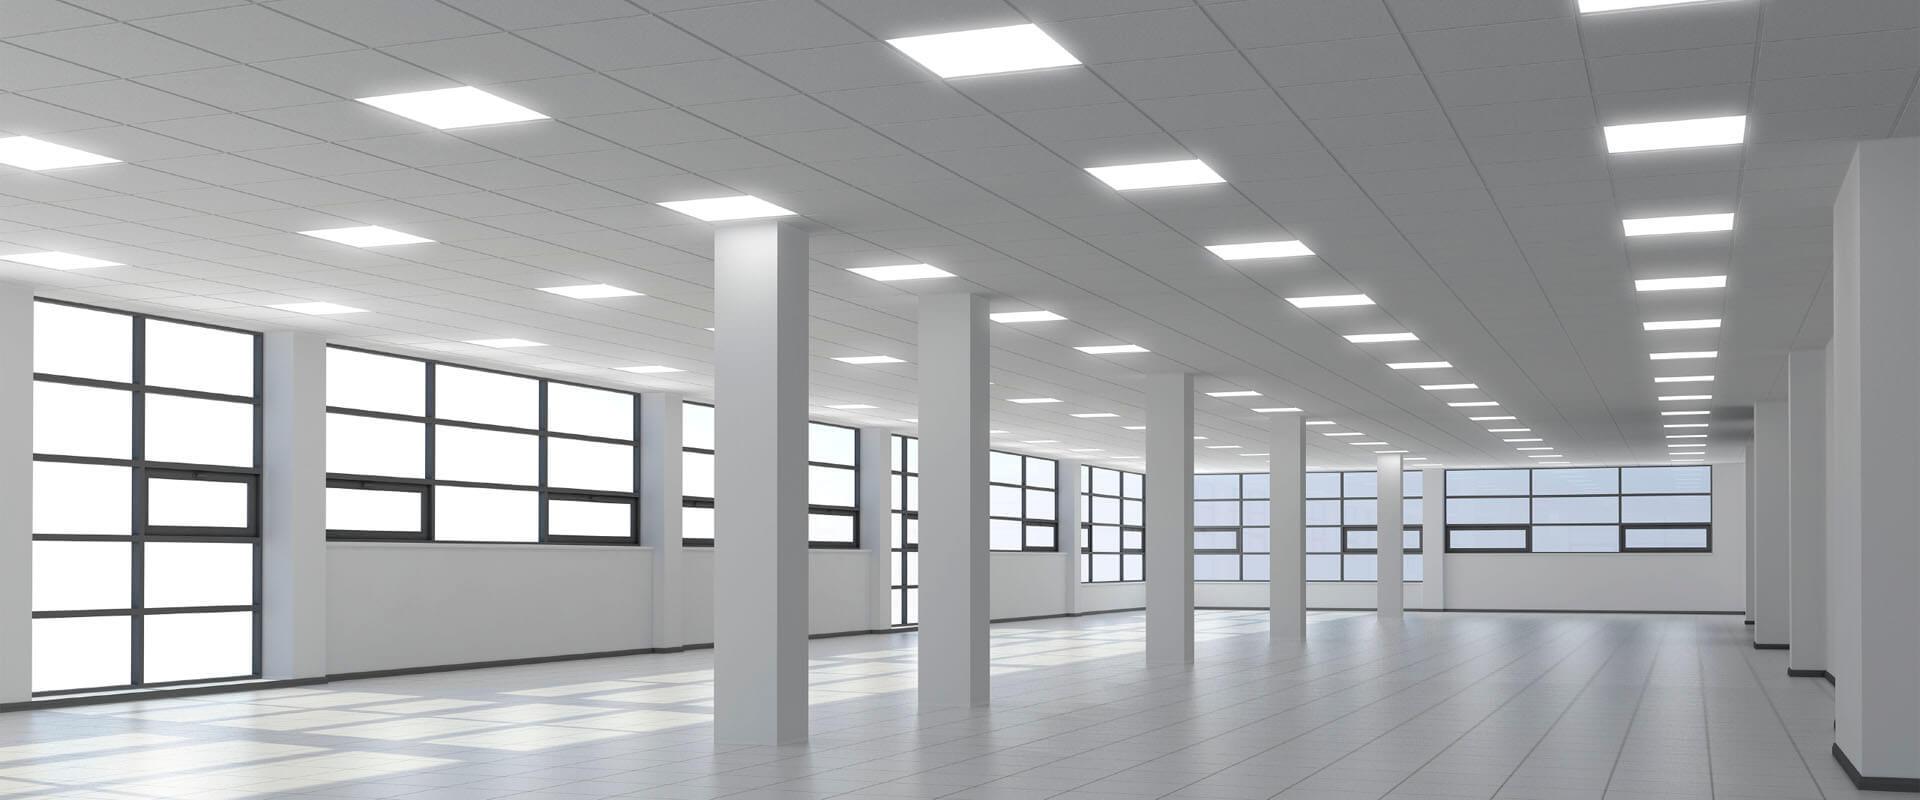 """""""居家经济""""推动LED照明高景气,这家公司业绩报喜,股价应声涨停"""